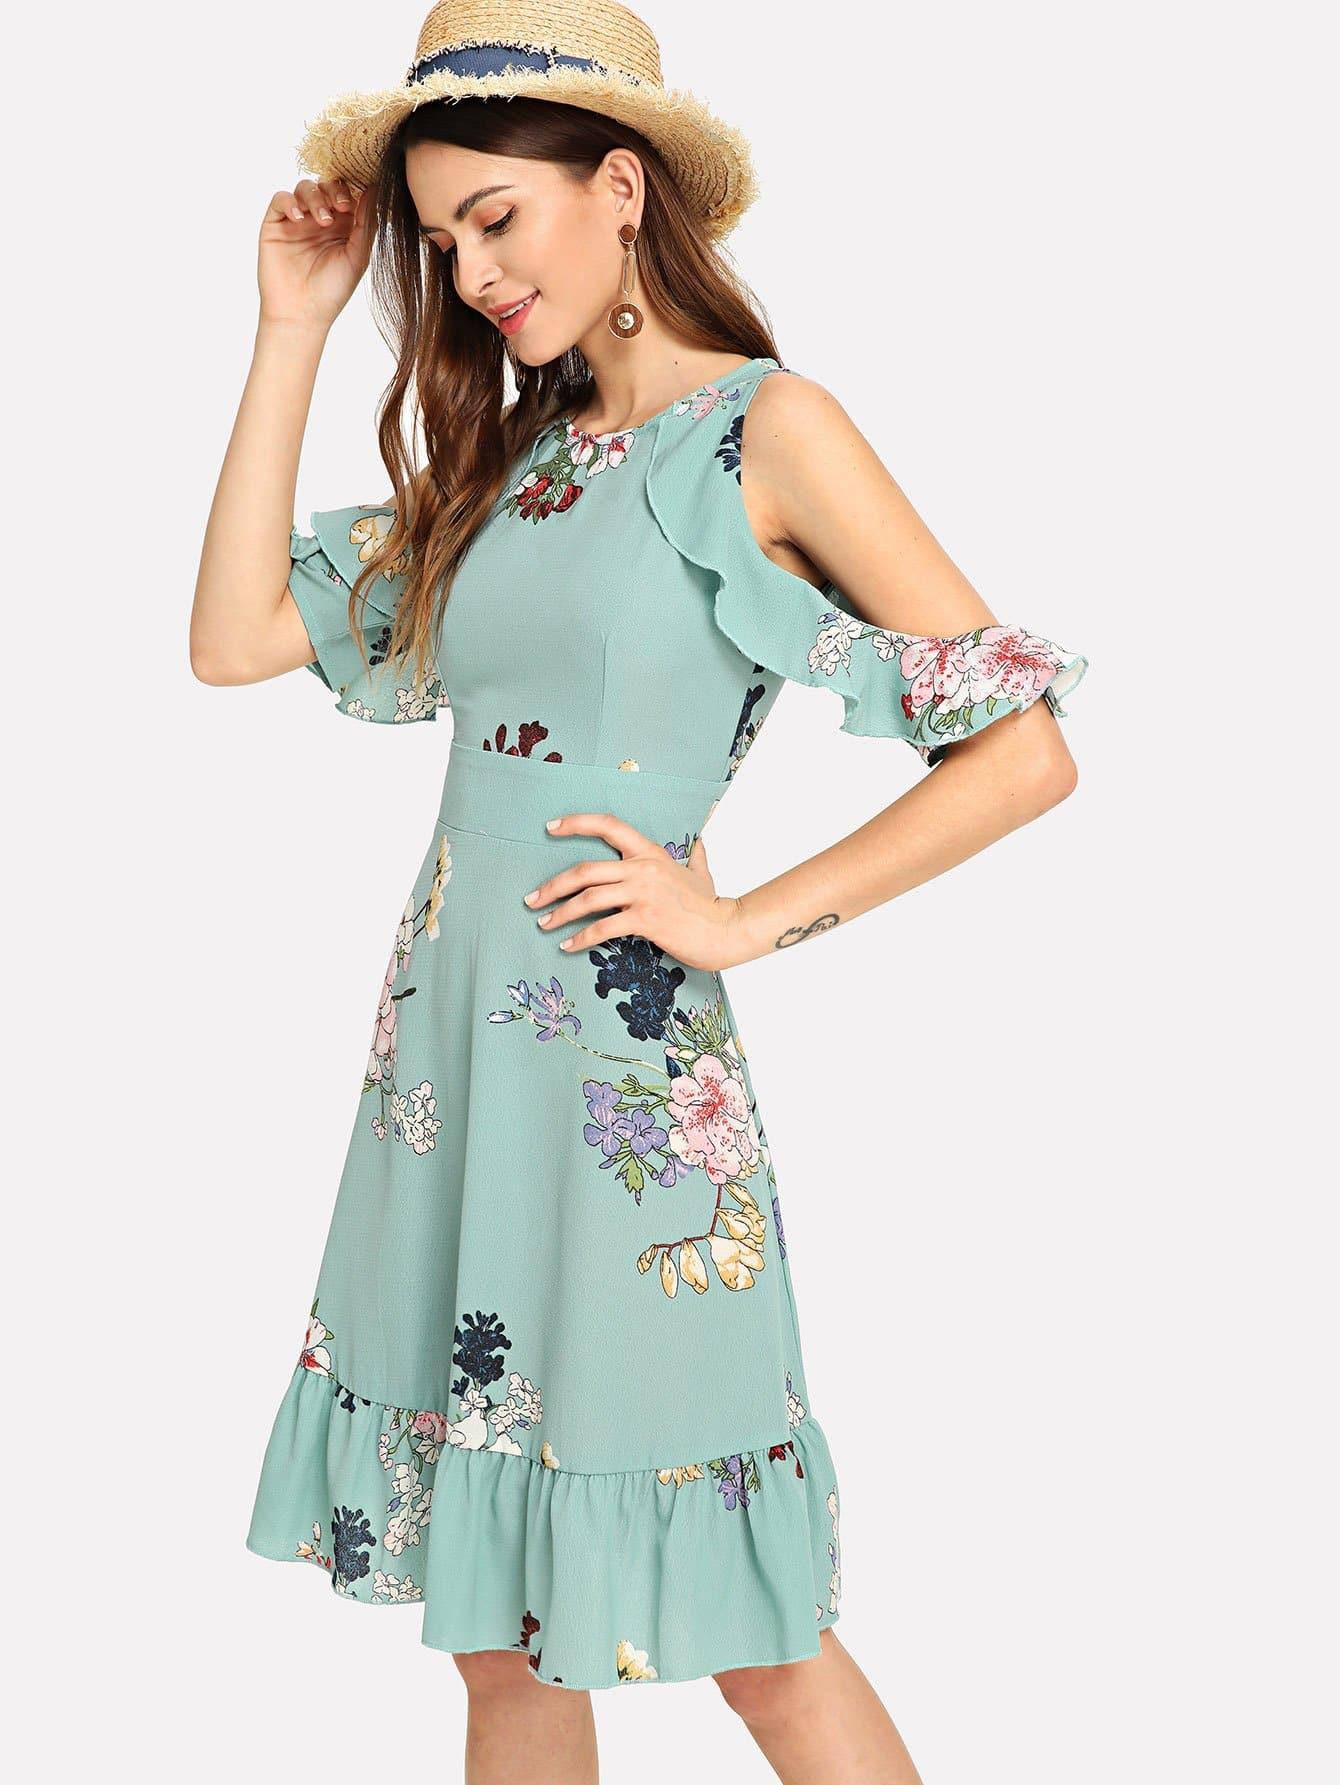 Ситцевое платье на бретелях и подол с розеткой, Jana, SheIn  - купить со скидкой